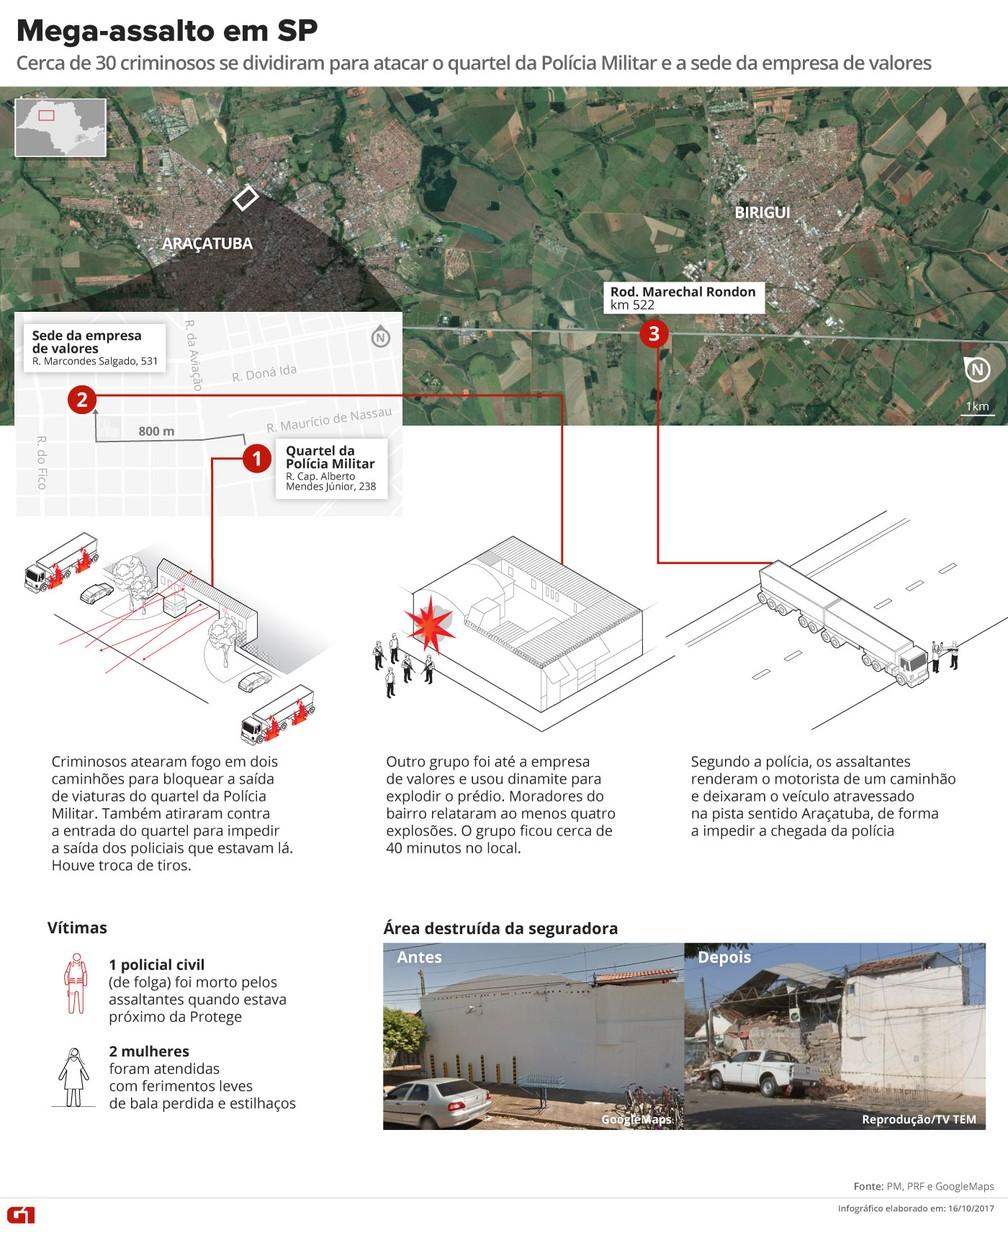 infográfico de mega-assalto a empresa de valores em Araçatuba (Foto: G1/Arte)